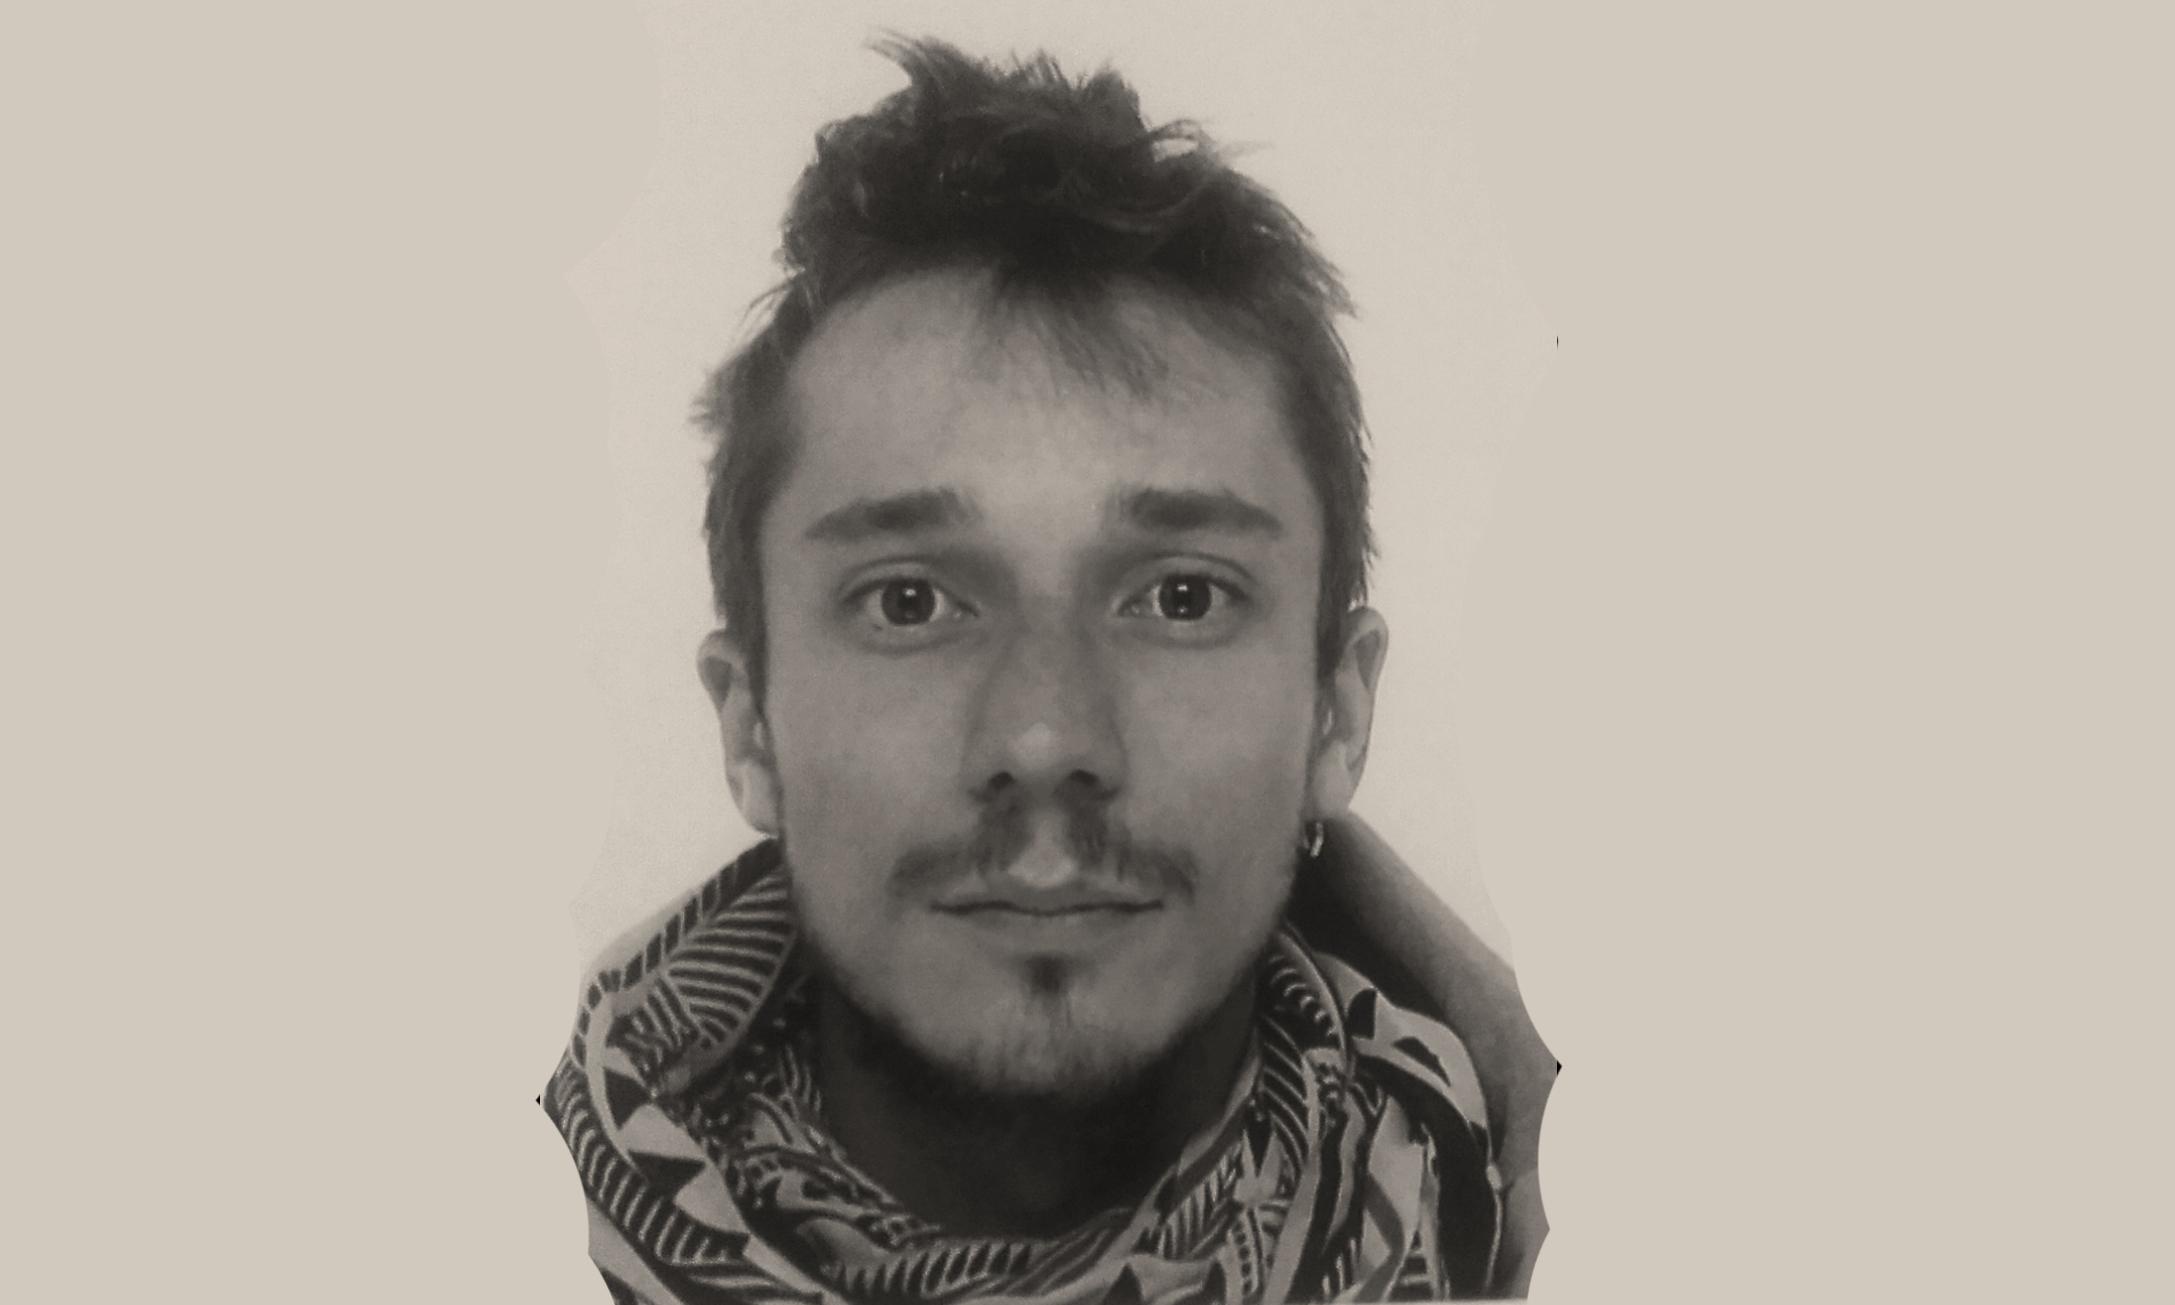 Guillaume Isnard   Diplômé en architecture INSA en 2015, Guiqui travaille au sein de l'Atelier D-Form, agence spécialisée dans la construction passive en Alsace. Passionné par la composante collective et participative du projet, il expérimente en parallèle une approche de terrain par le « faire » en se confrontant directement au chantier et à la matière au travers divers projets associatifs et la mise en place d'outils collaboratifs.